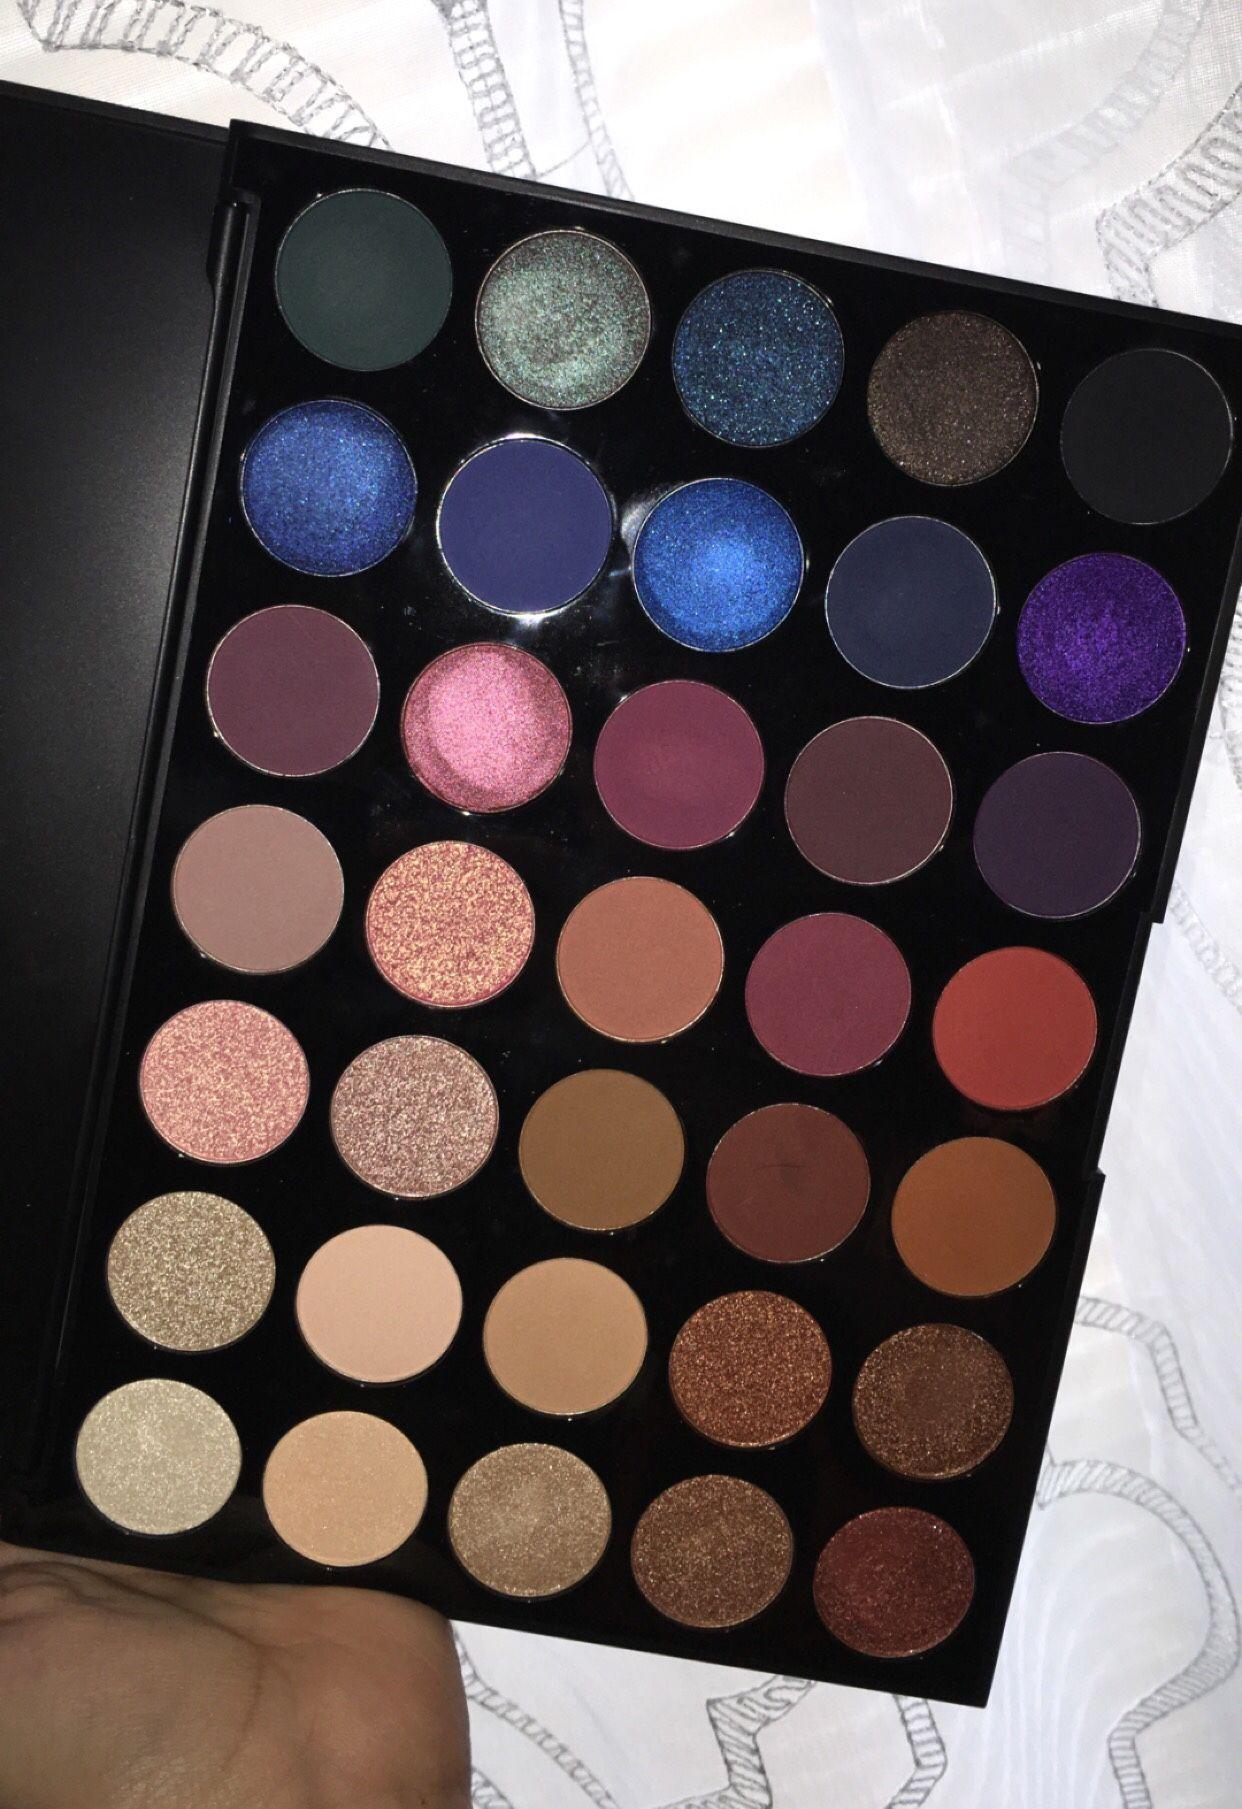 My 35v morphe palette Makeup, Morphe, Morphe palette